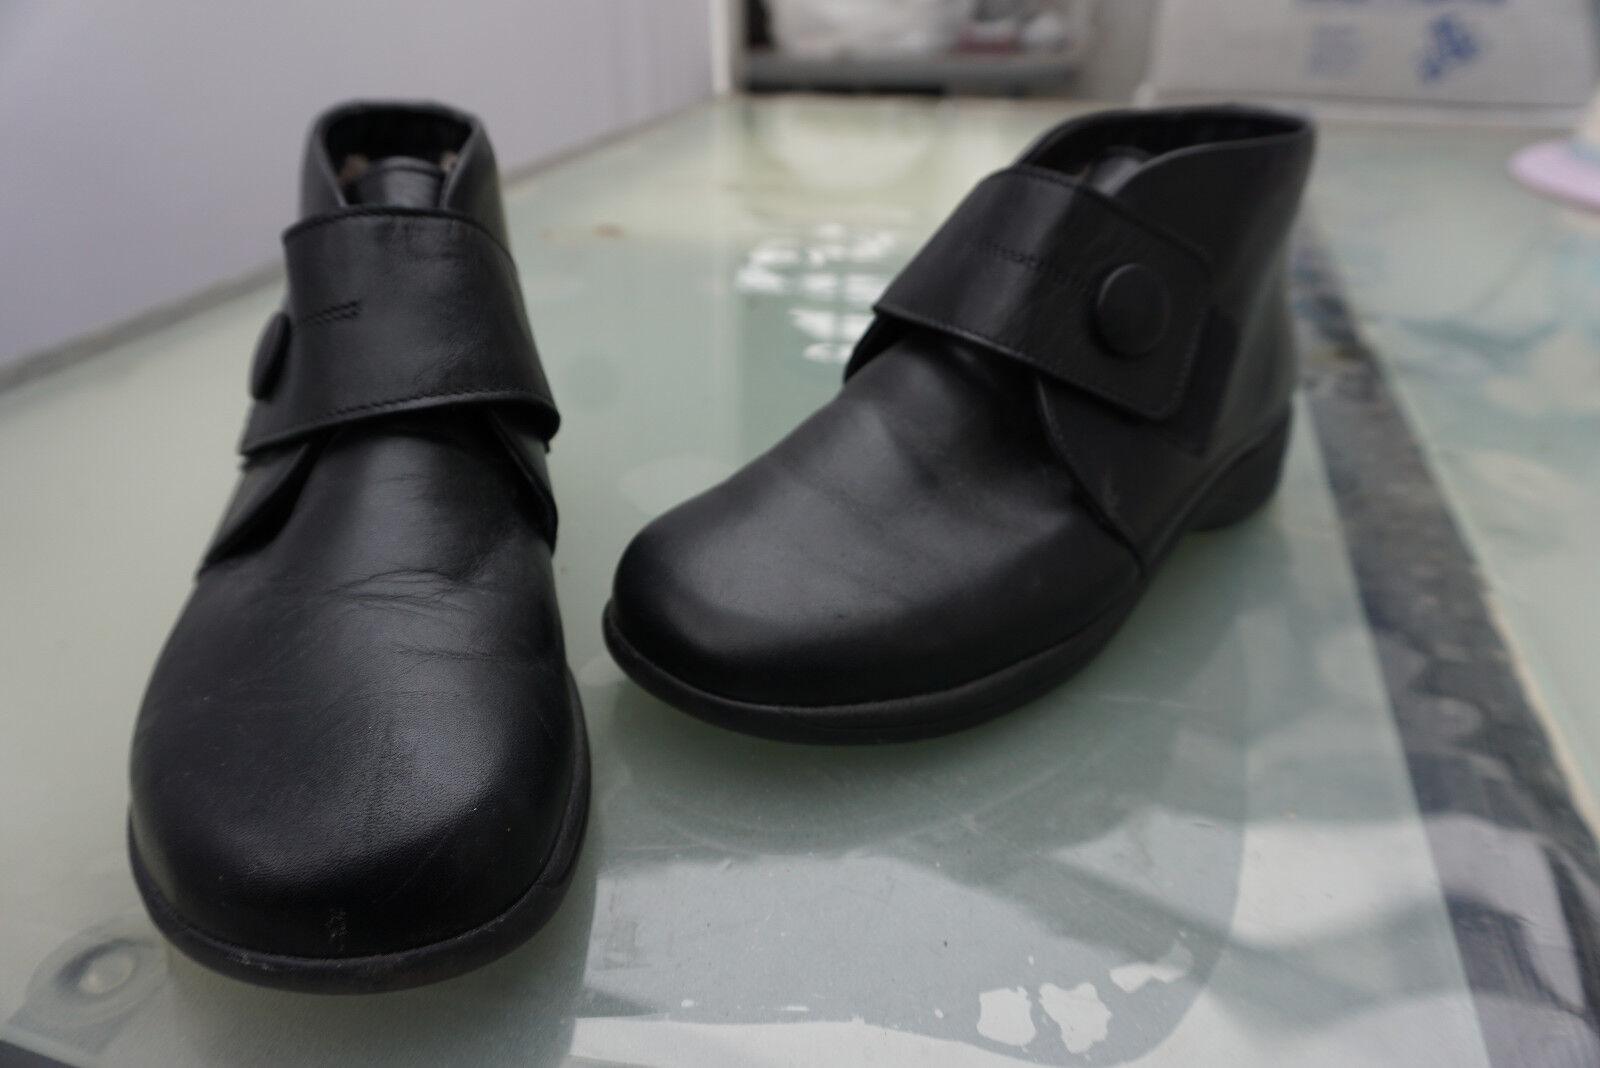 Chauds  sko Femmes Bottes 38 D'Hiver Boots Velcro Taille 38 Bottes Noir Cuir Doublure Top a1b014